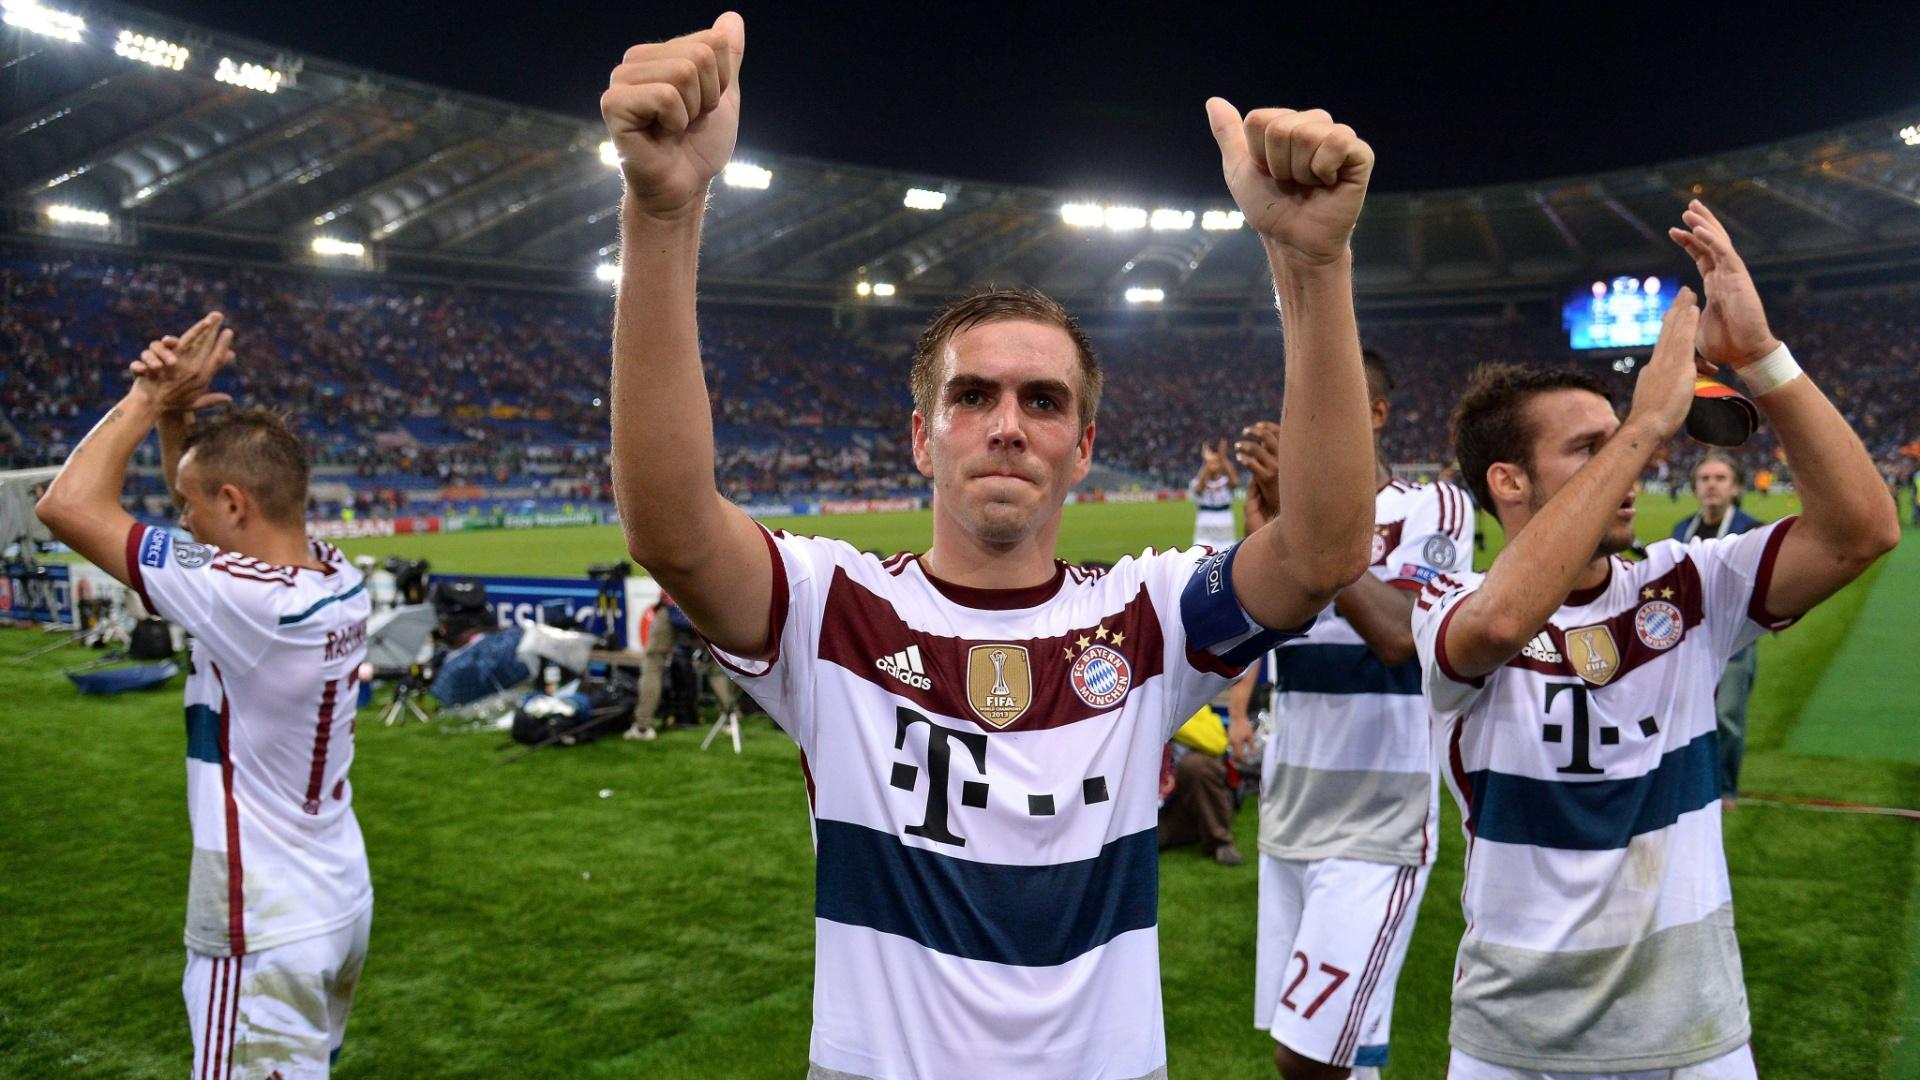 Phillip Lahm, lateral do Bayern de Munique, comemora a vitória por 7 a 1 contra a Roma, pela Liga dos Campeões